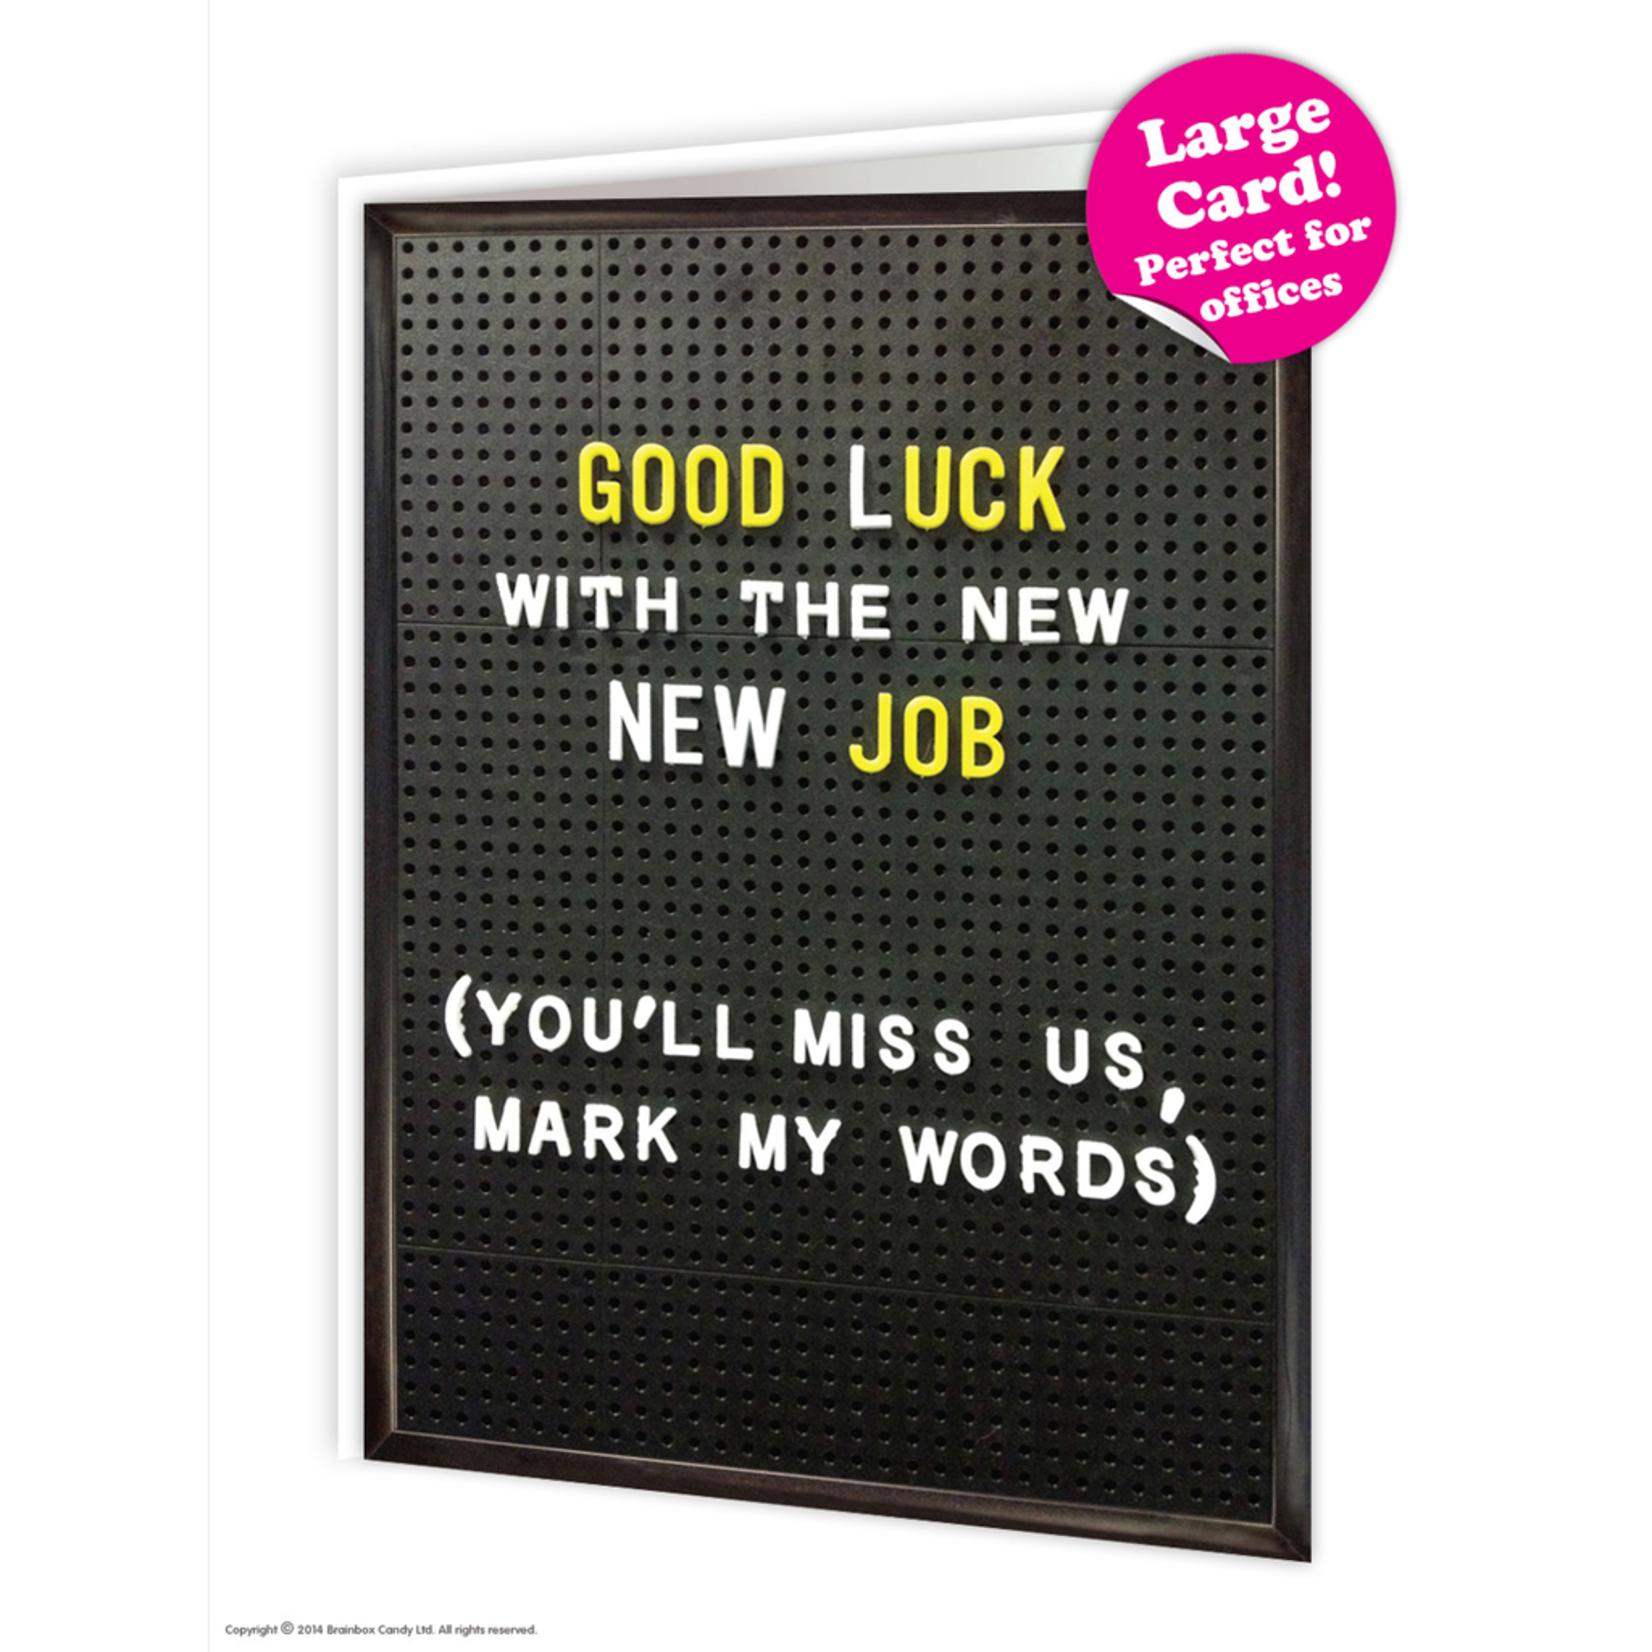 Brainbox Candy Good Luck New Job Card